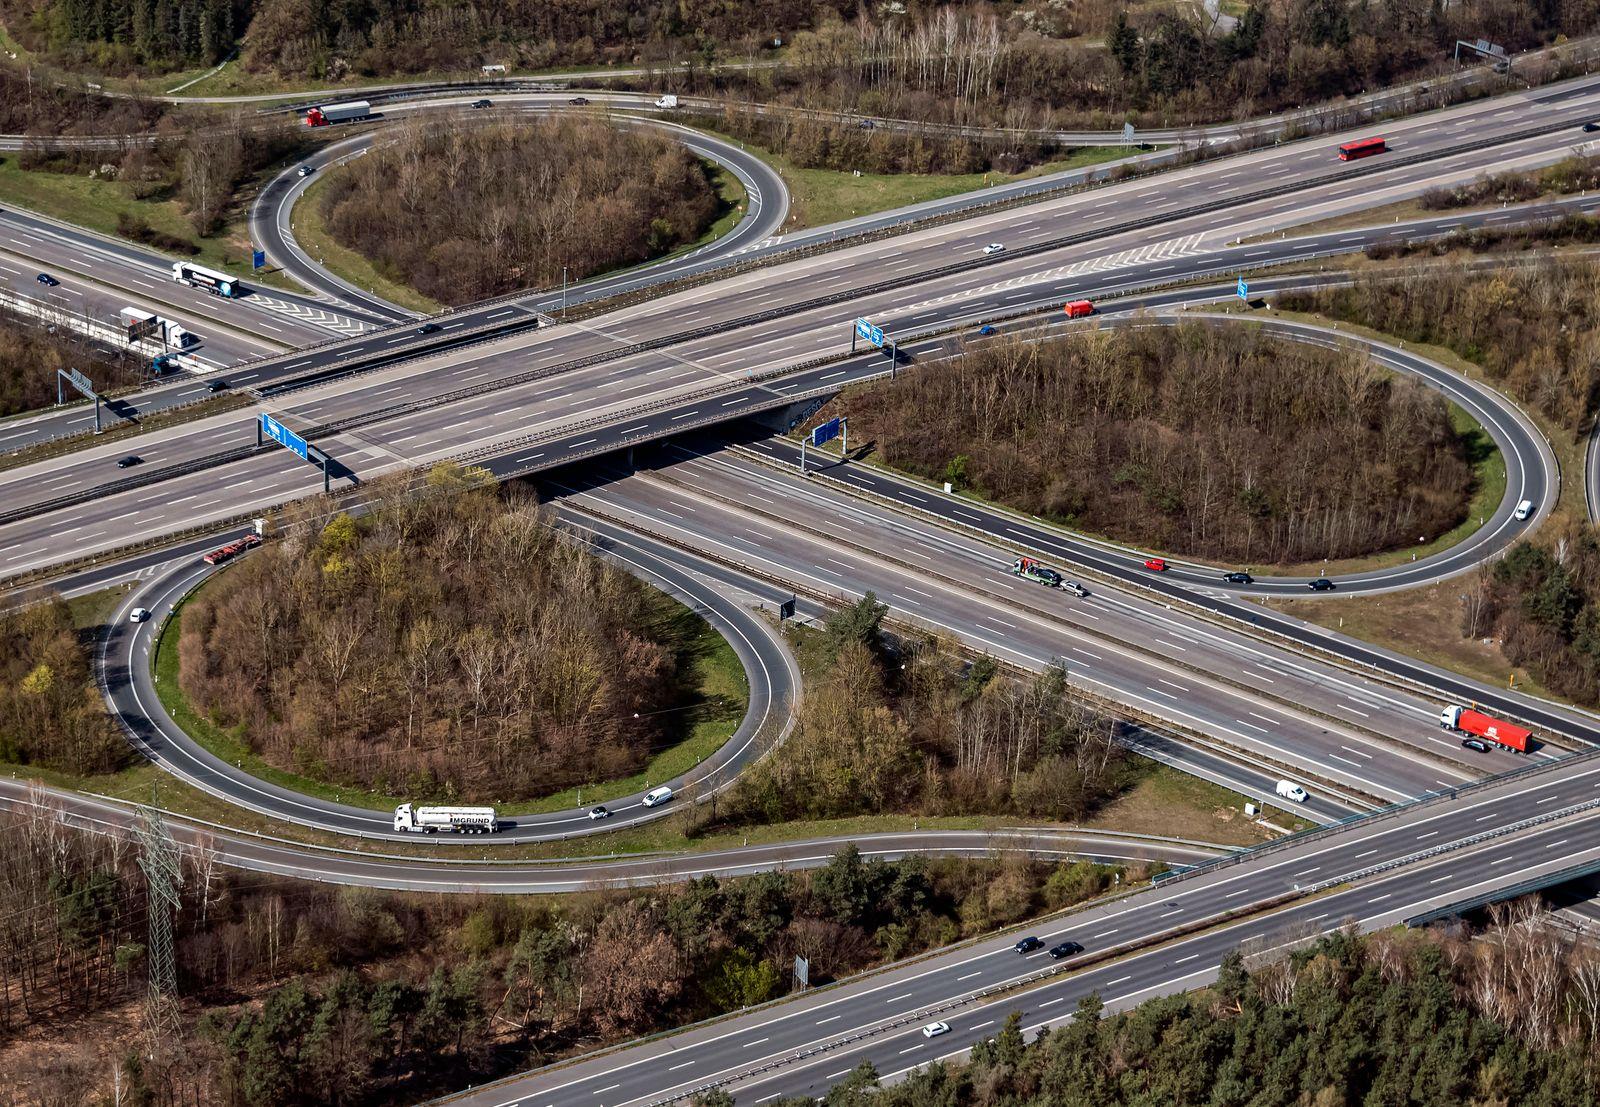 Luftbild Autobahn bei Frankfurt am Main